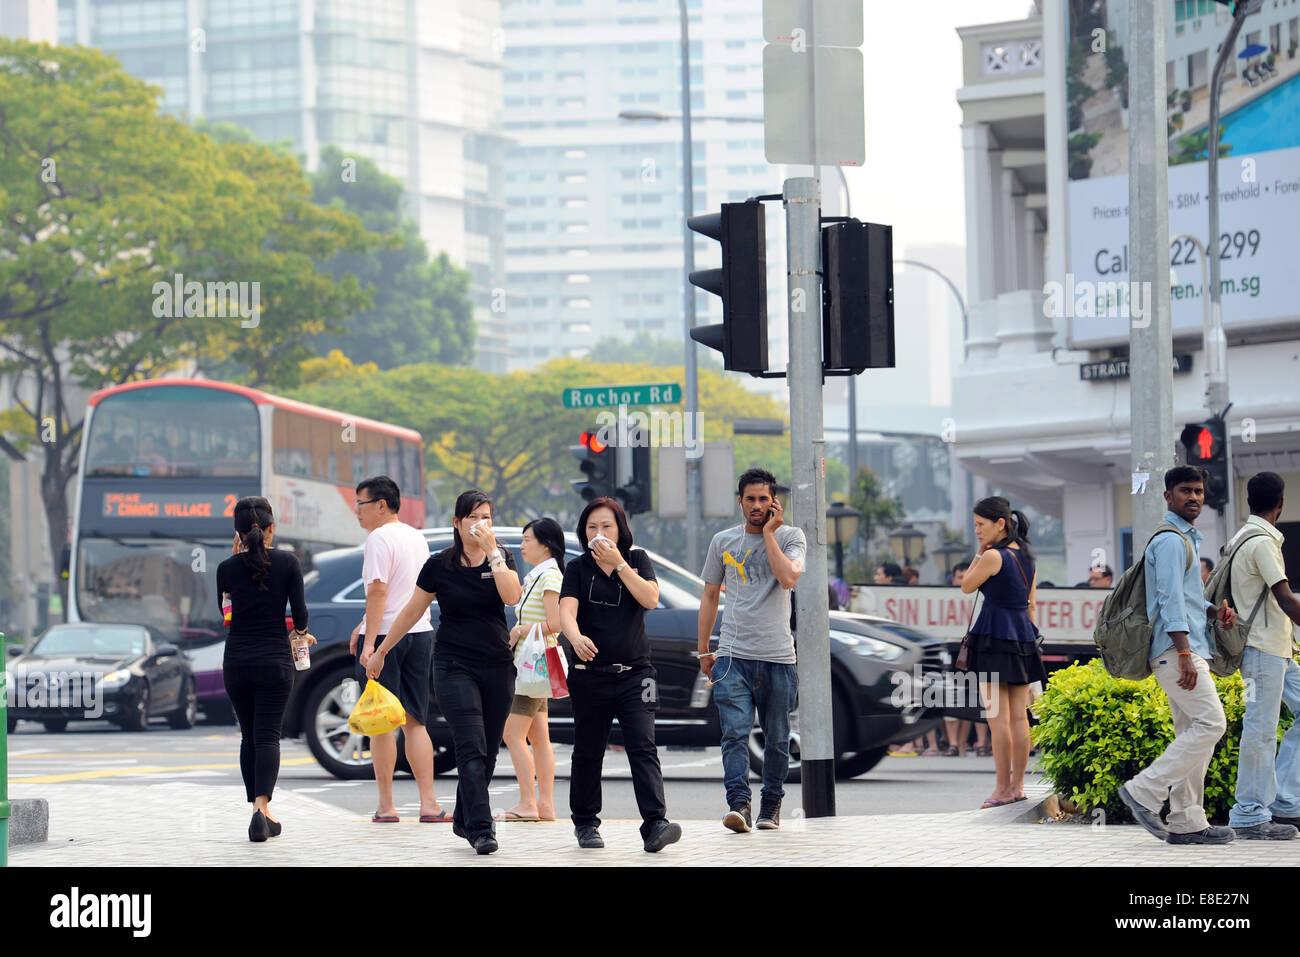 (141006) -- SINGAPORE, Oct. 6, 2014 (Xinhua) -- Pedestrians cover their mouths in Singapore, Oct. 6, 2014. Singapore's - Stock Image